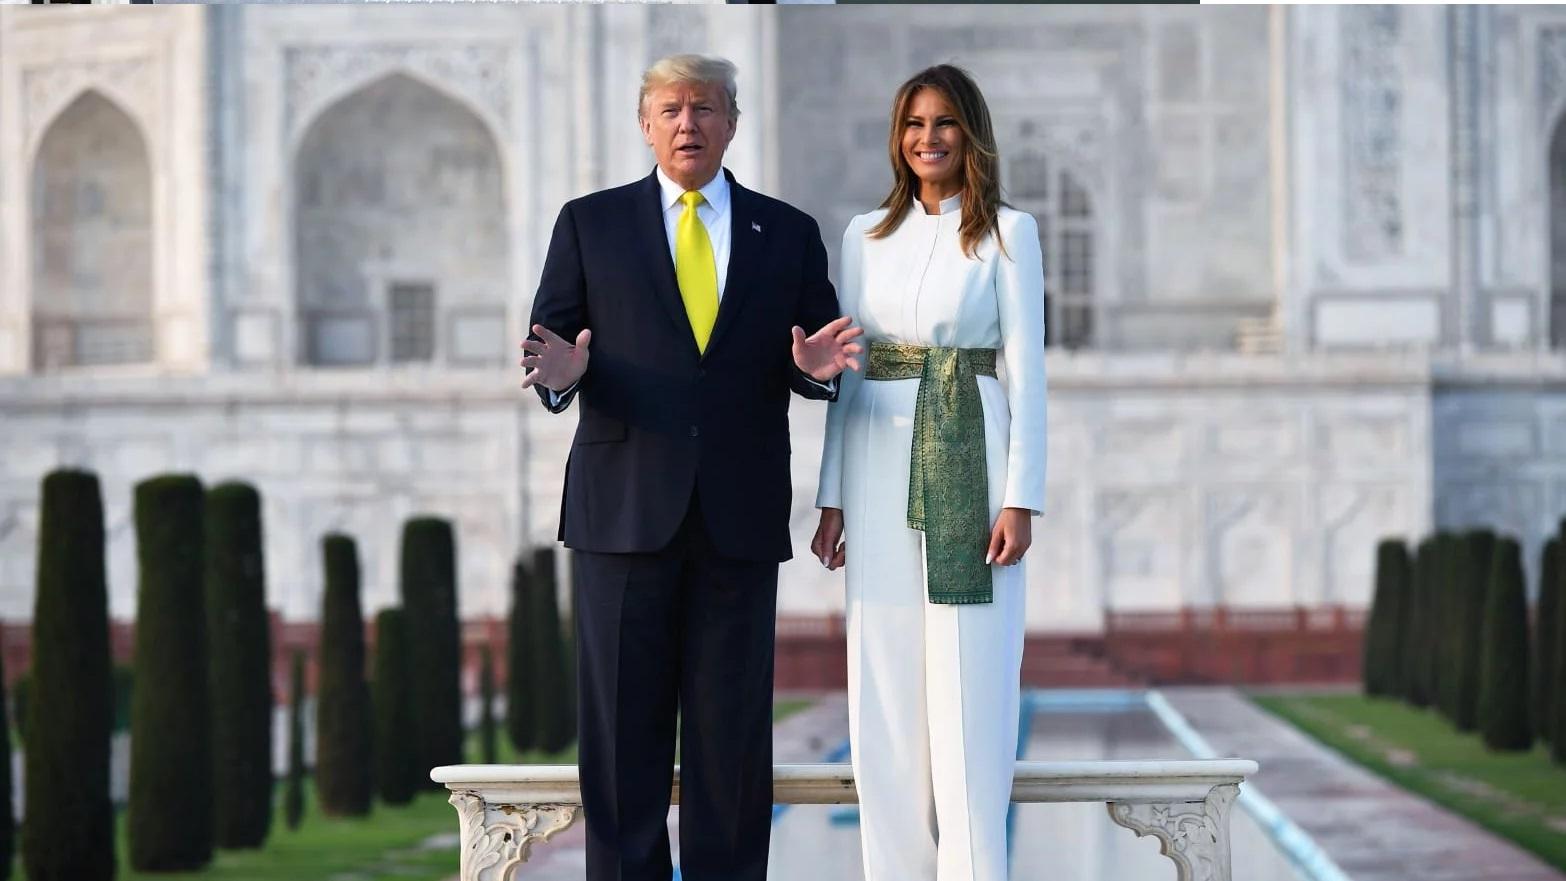 Bà Melania Trump khí chất ngút ngàn khi diện jumpsuit trắng nhưng ý nghĩa thú vị sau đó mới càng khiến dân tình trầm trồ - Ảnh 3.